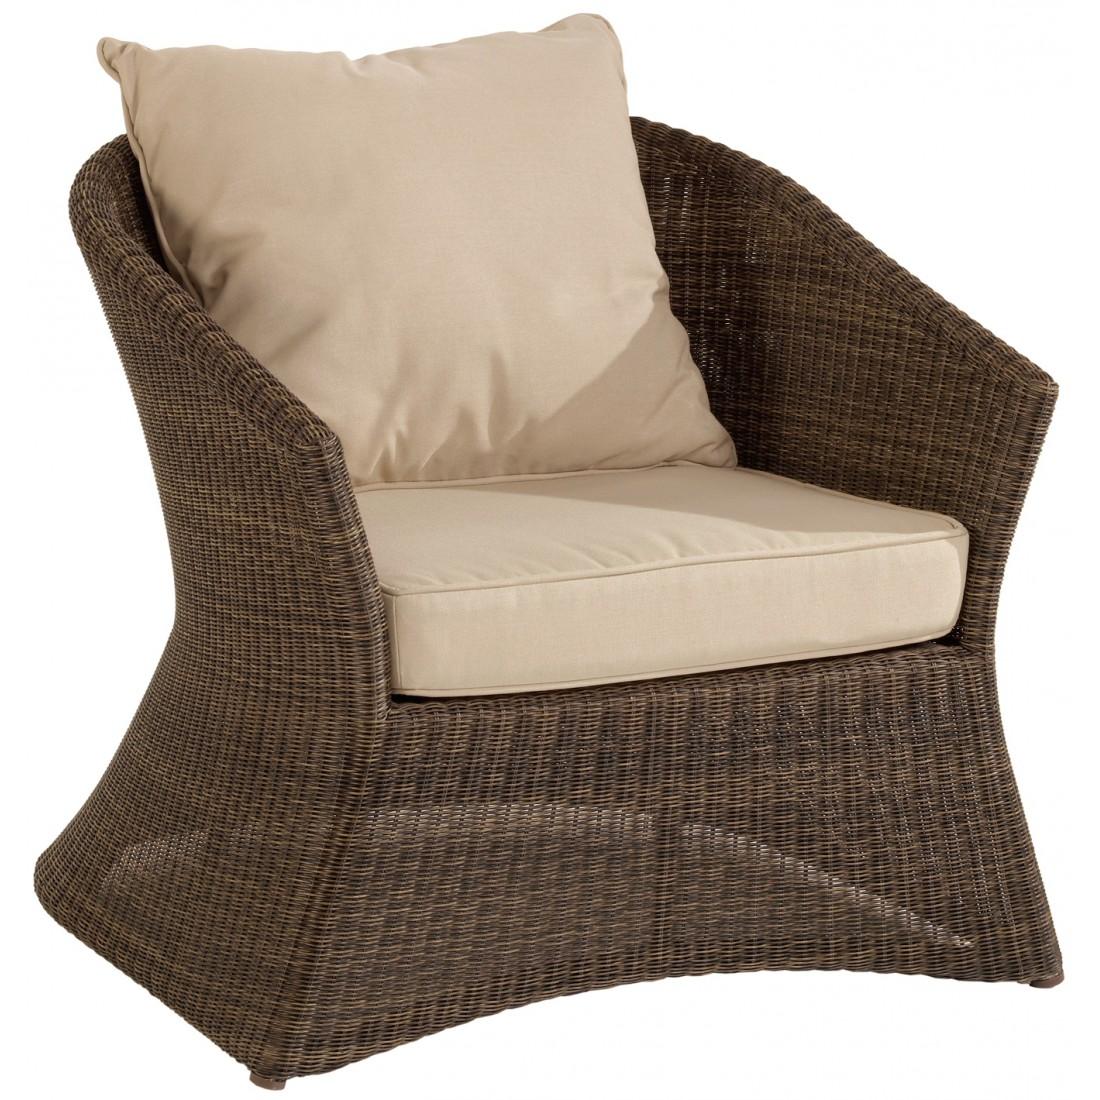 fauteuil de jardin r sine poivre z nith avec coussins gris. Black Bedroom Furniture Sets. Home Design Ideas